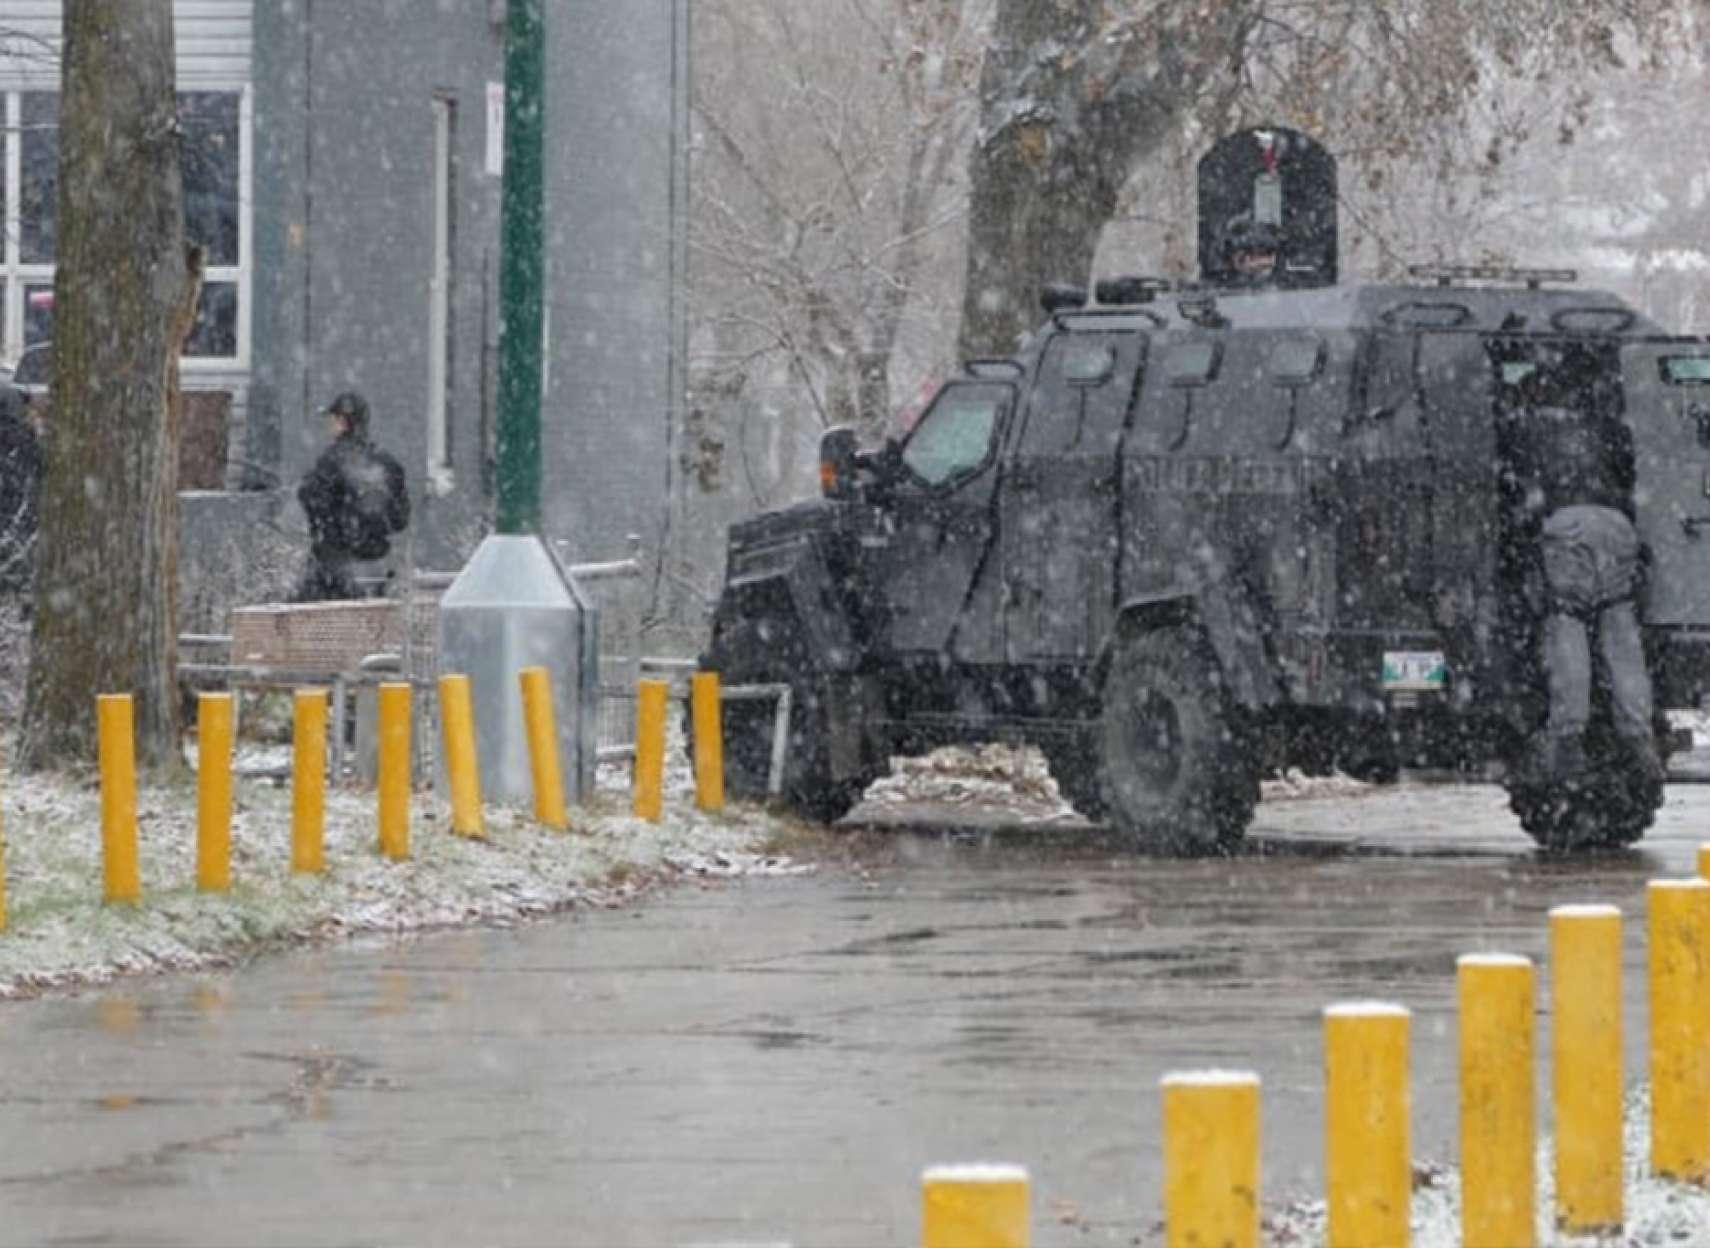 news-javan-12-police